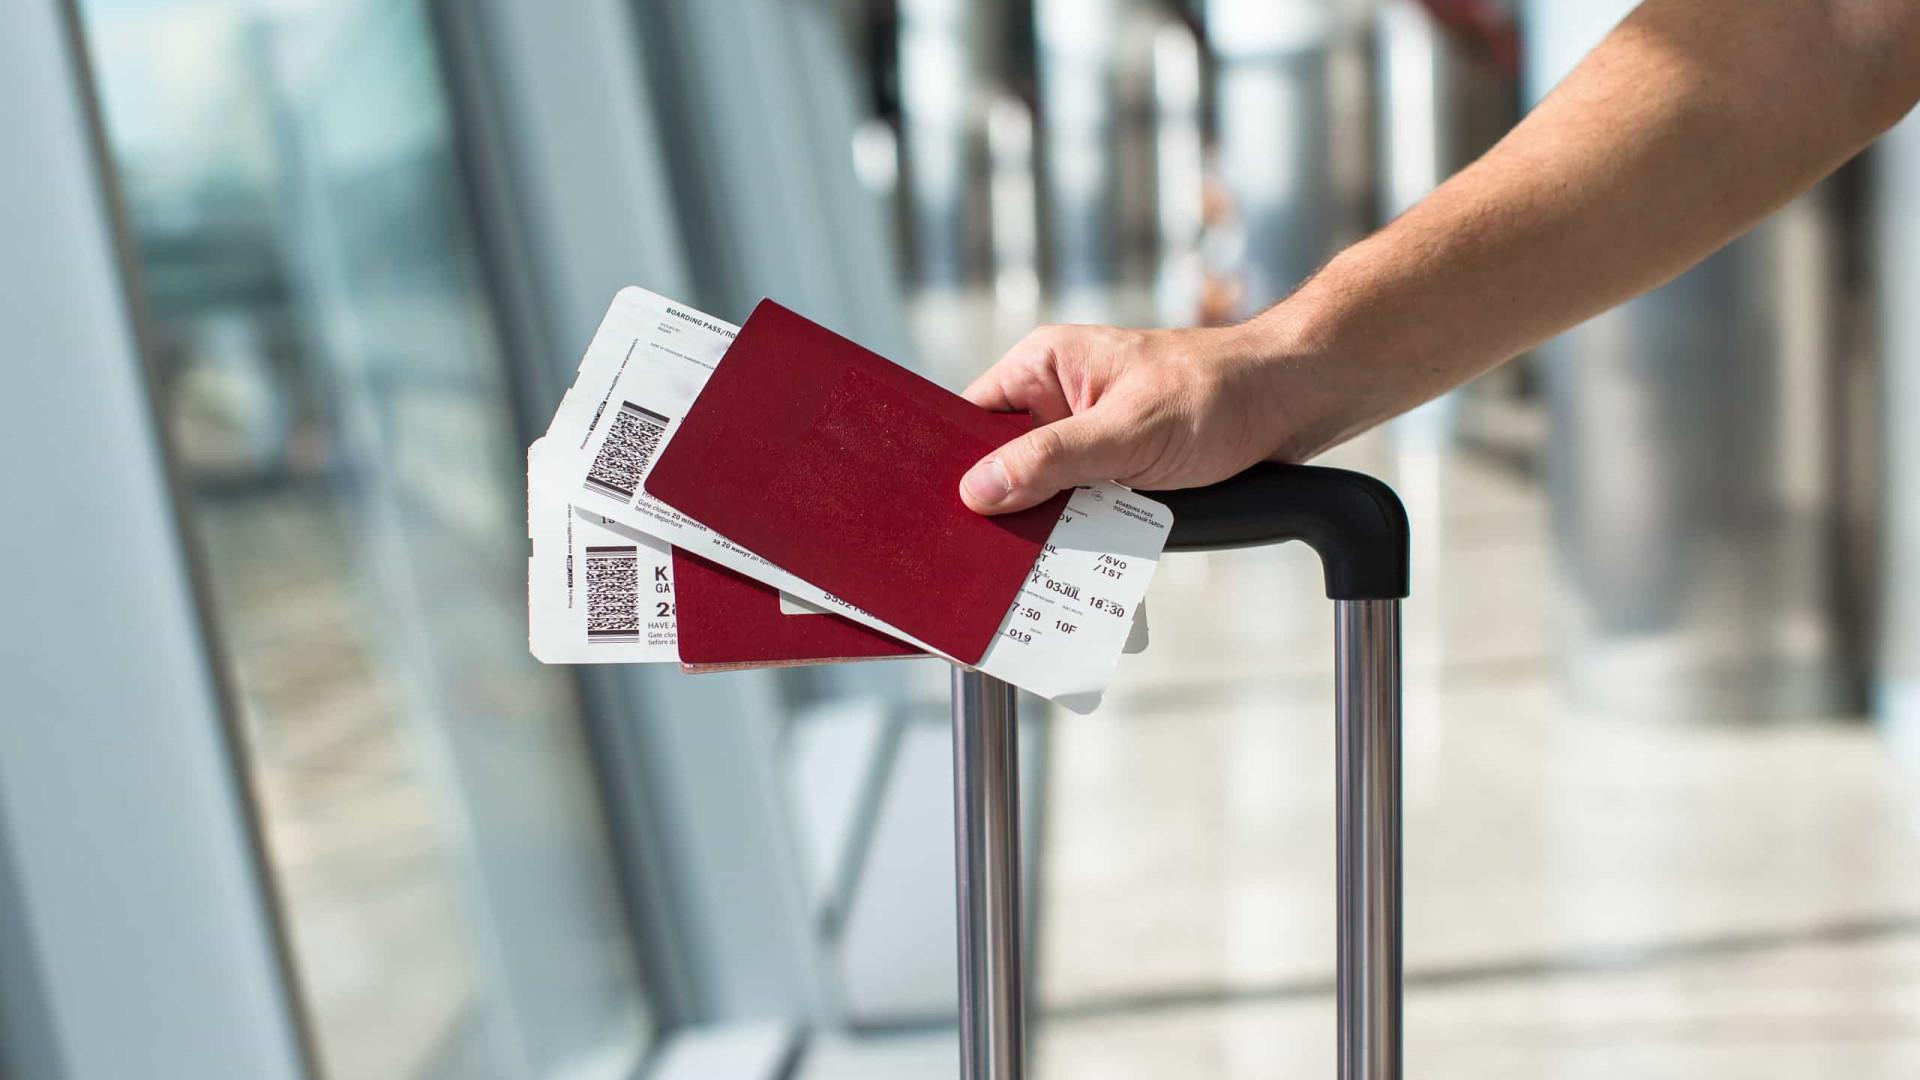 Aéreas terão 100 novos voos e volta de destinos internacionais em junho